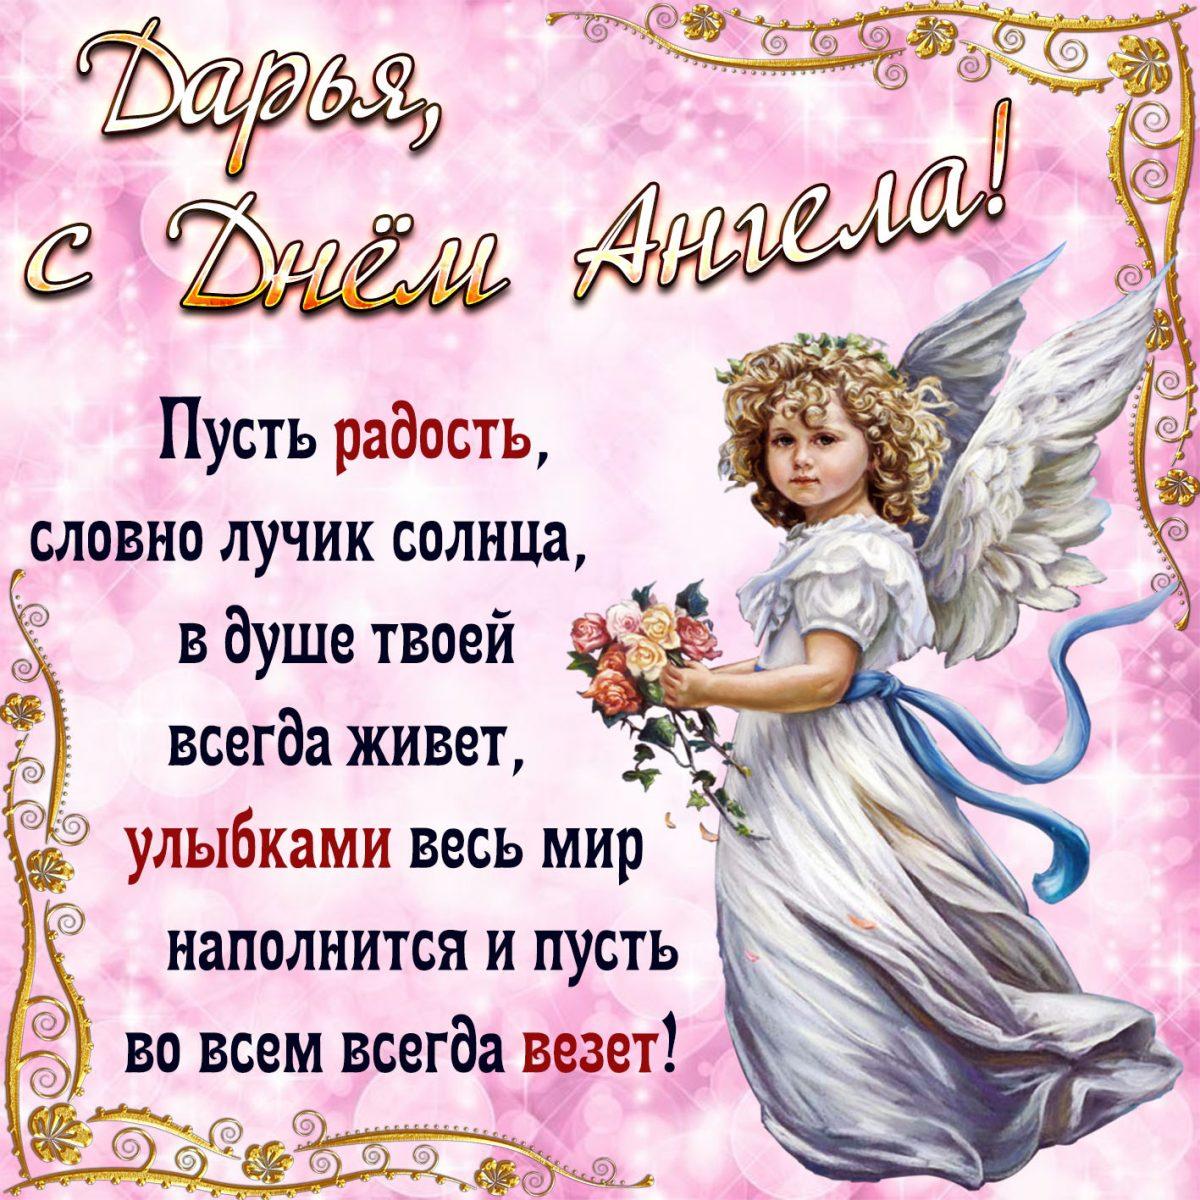 Открытка с милым ангелом и пожелание Дарье на День Ангела